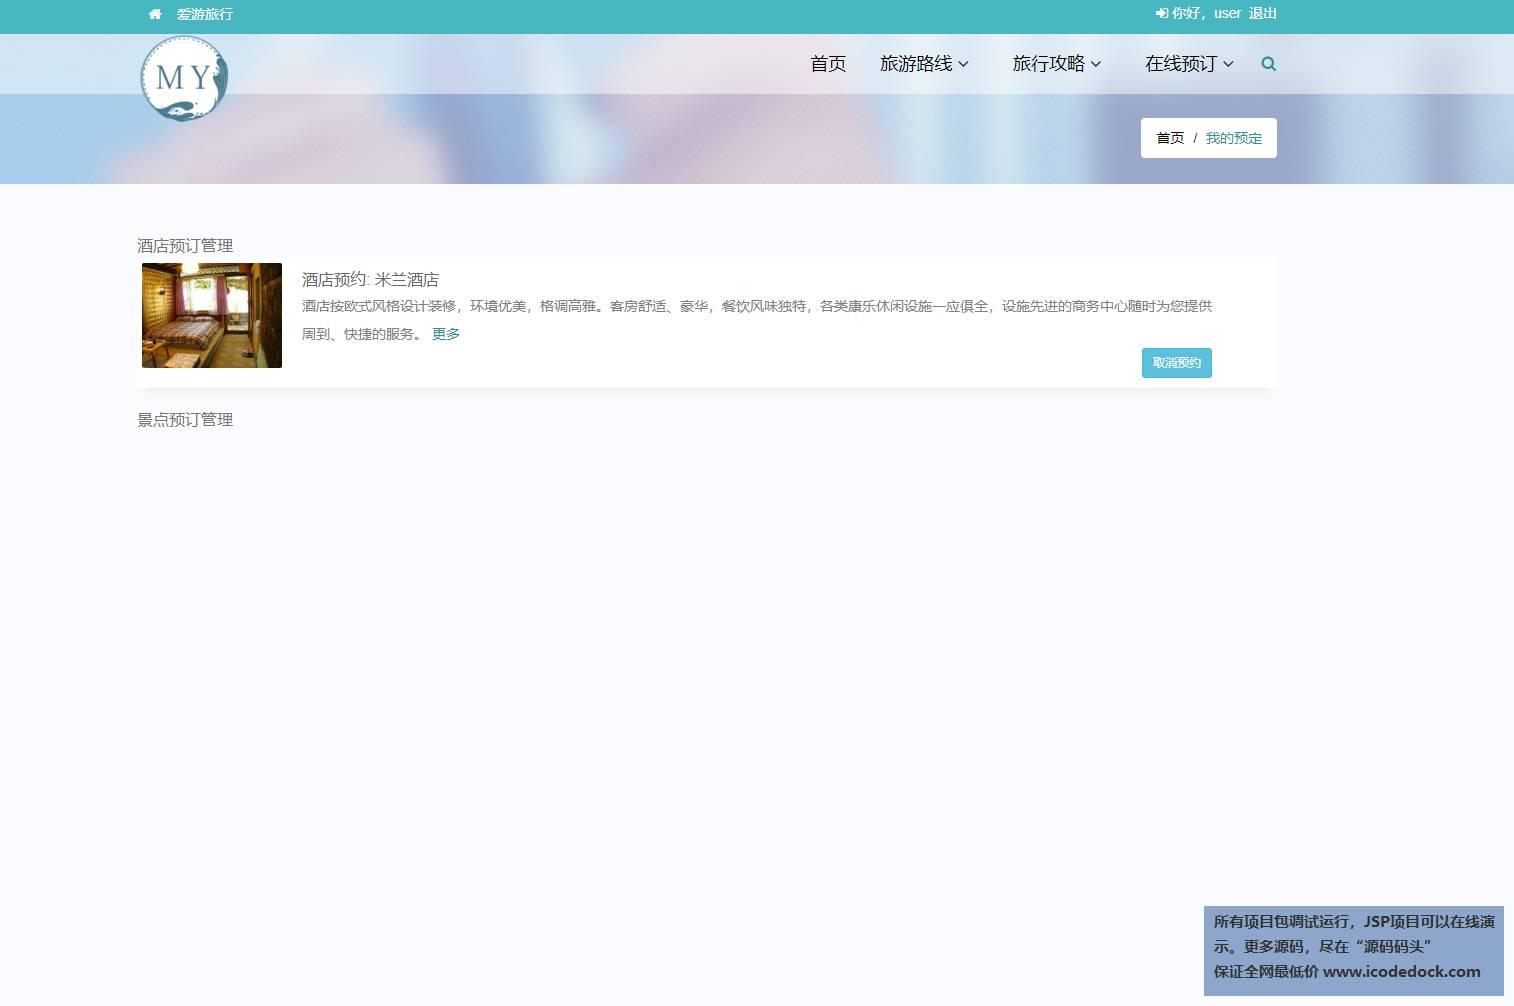 源码码头-SpringBoot旅游综合服务平台-用户角色-酒店预定